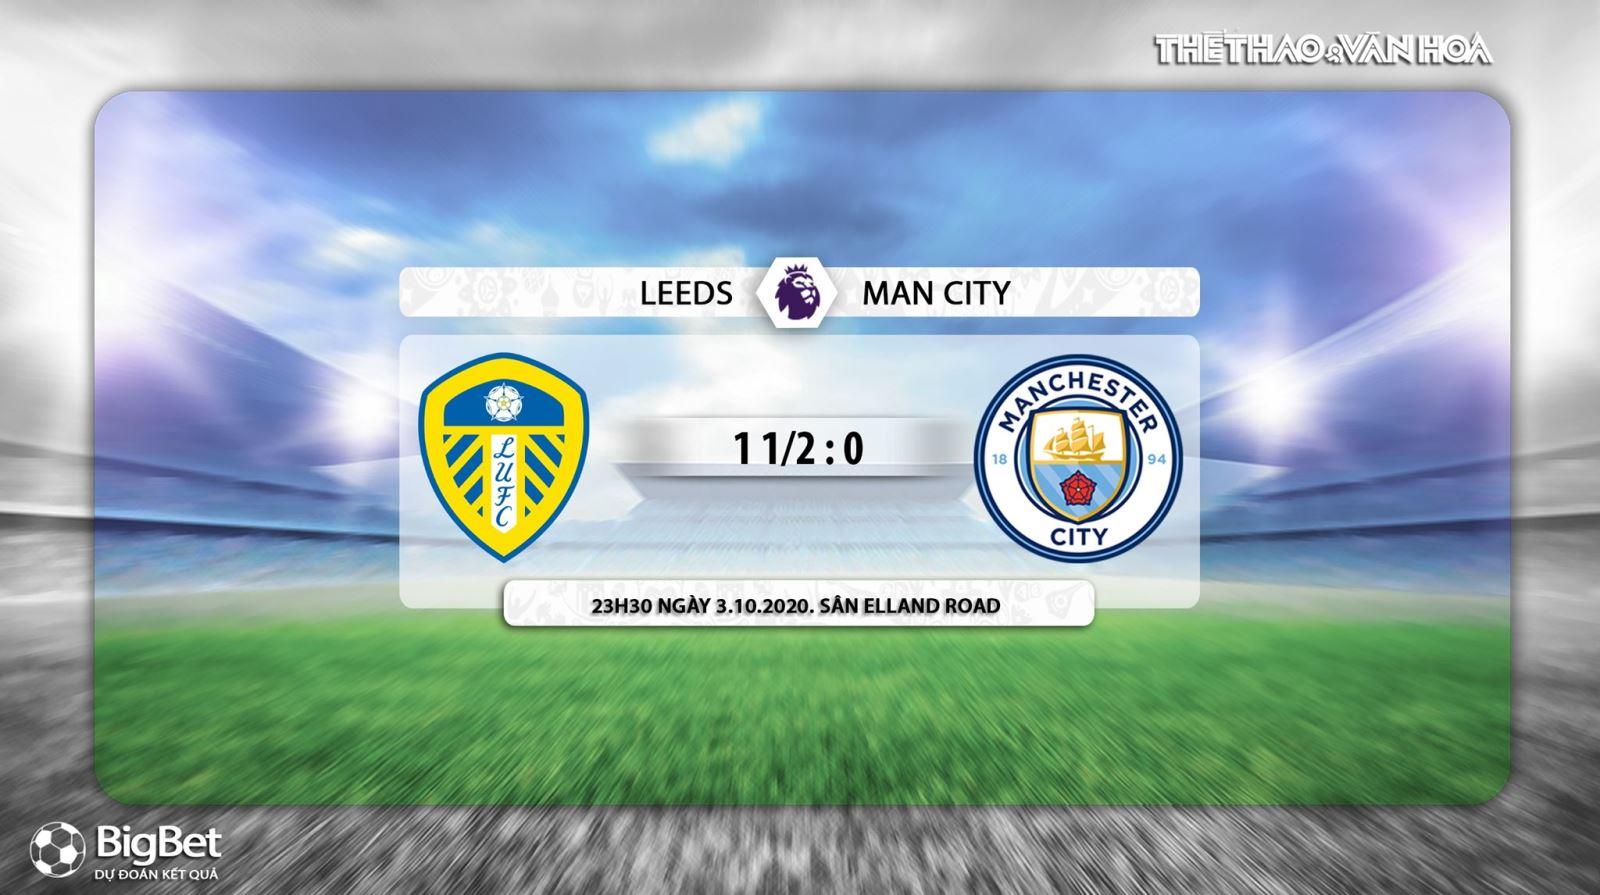 Soi kèo Leeds vs Man City, Leeds, Man City, Man City, kèo bóng đá Leeds vs Man City, nhận định Leeds vs Man City, dự đoán